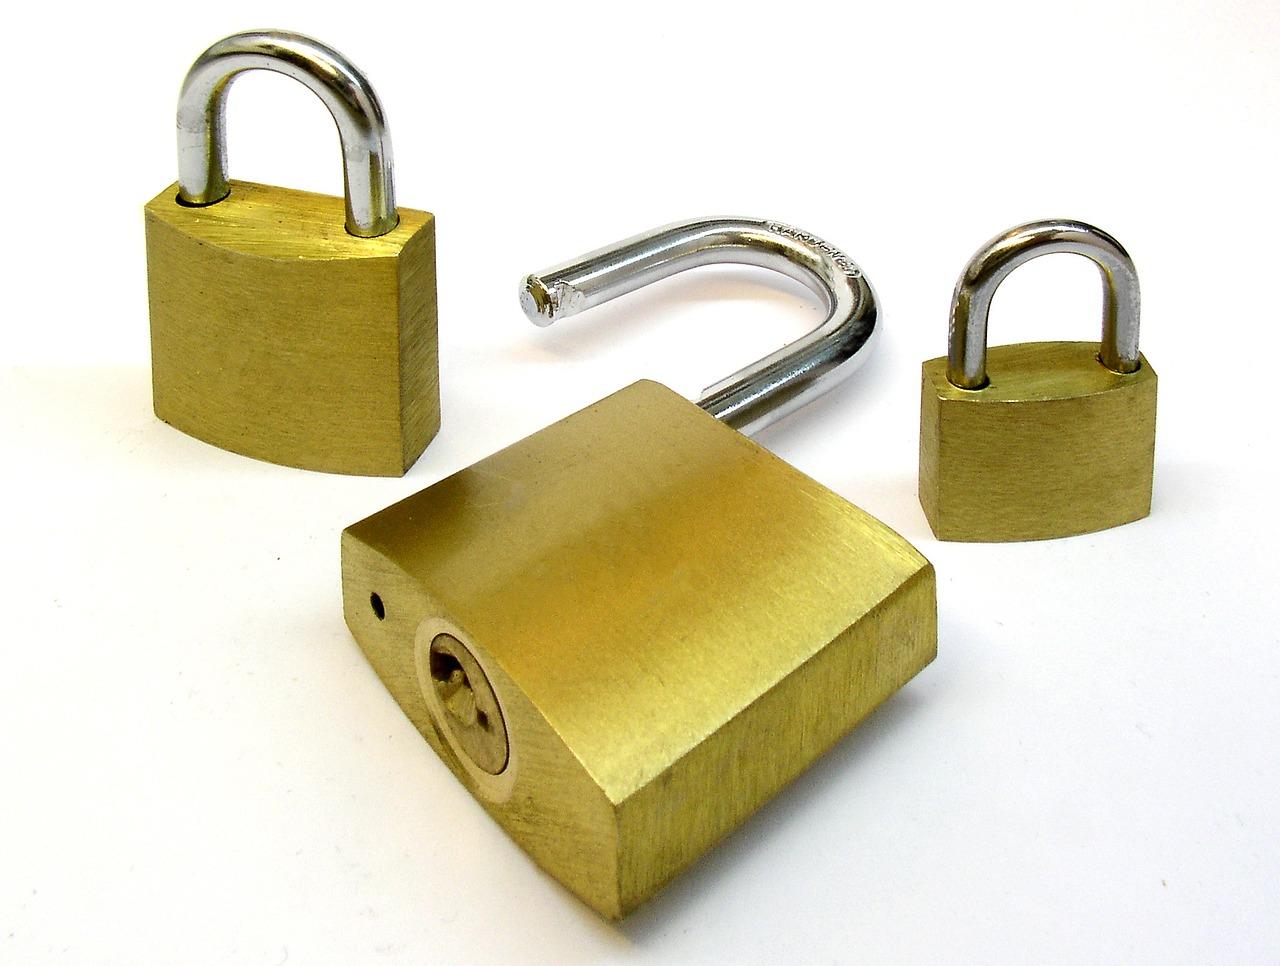 Opciones de seguridad los distintos tipos de cerraduras - Tipos de cerraduras ...